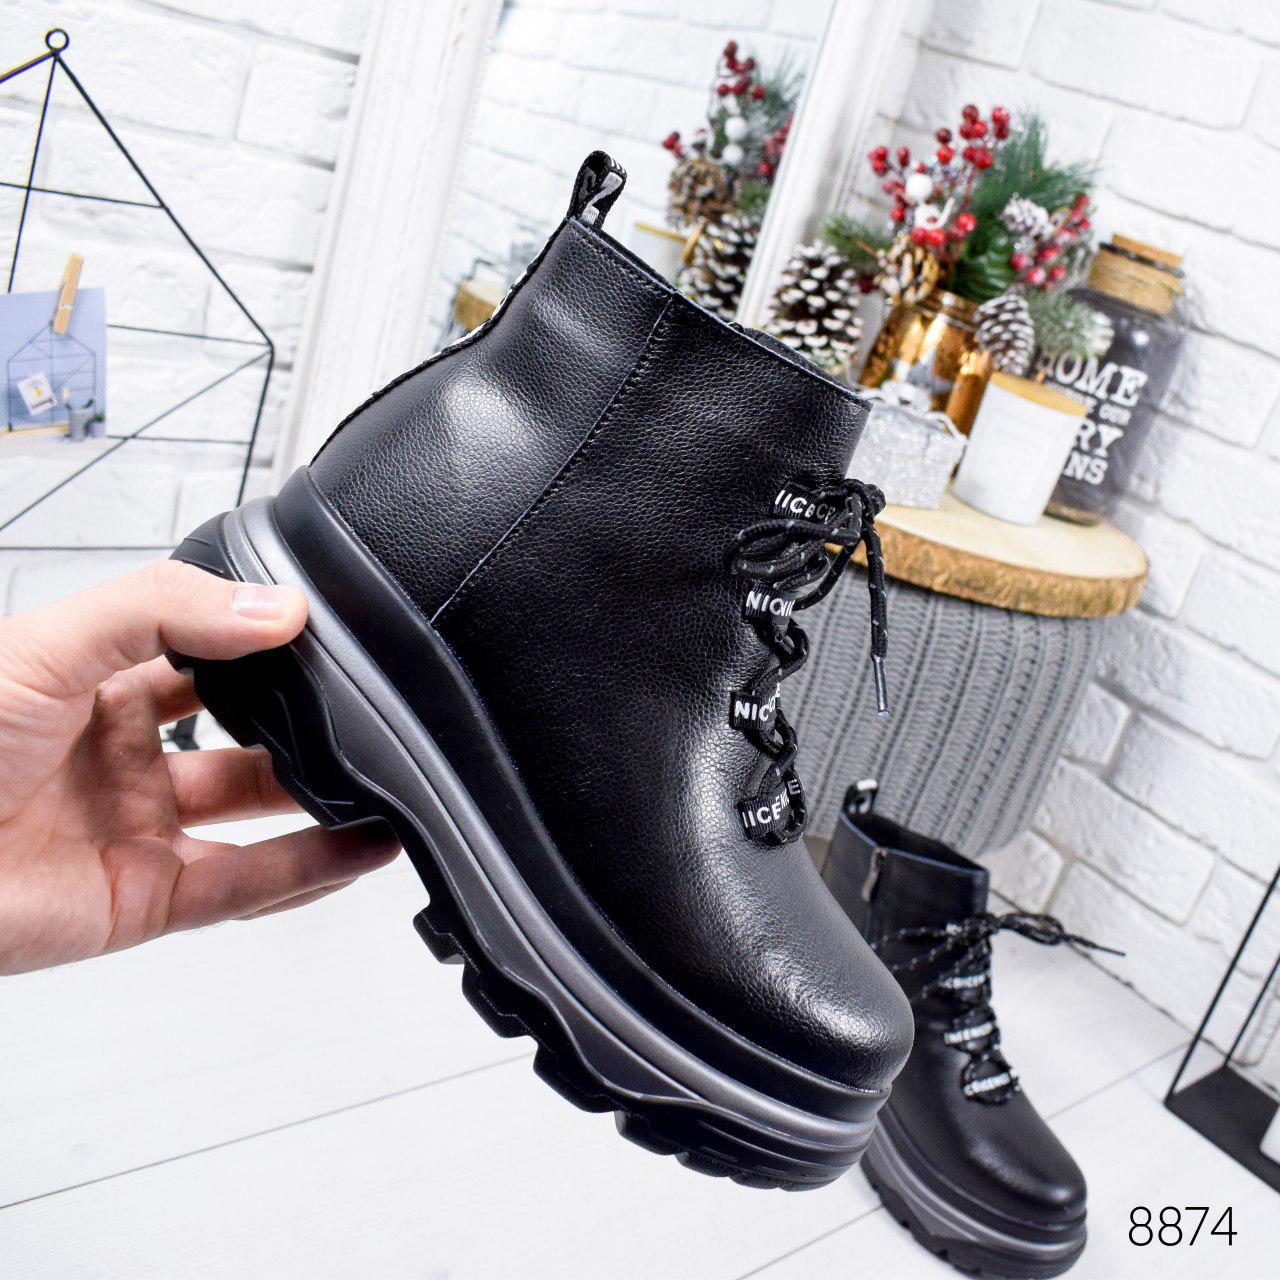 """Ботинки женские зимние, черного цвета из натуральной кожи """"8874"""". Черевики жіночі. Ботинки теплые"""